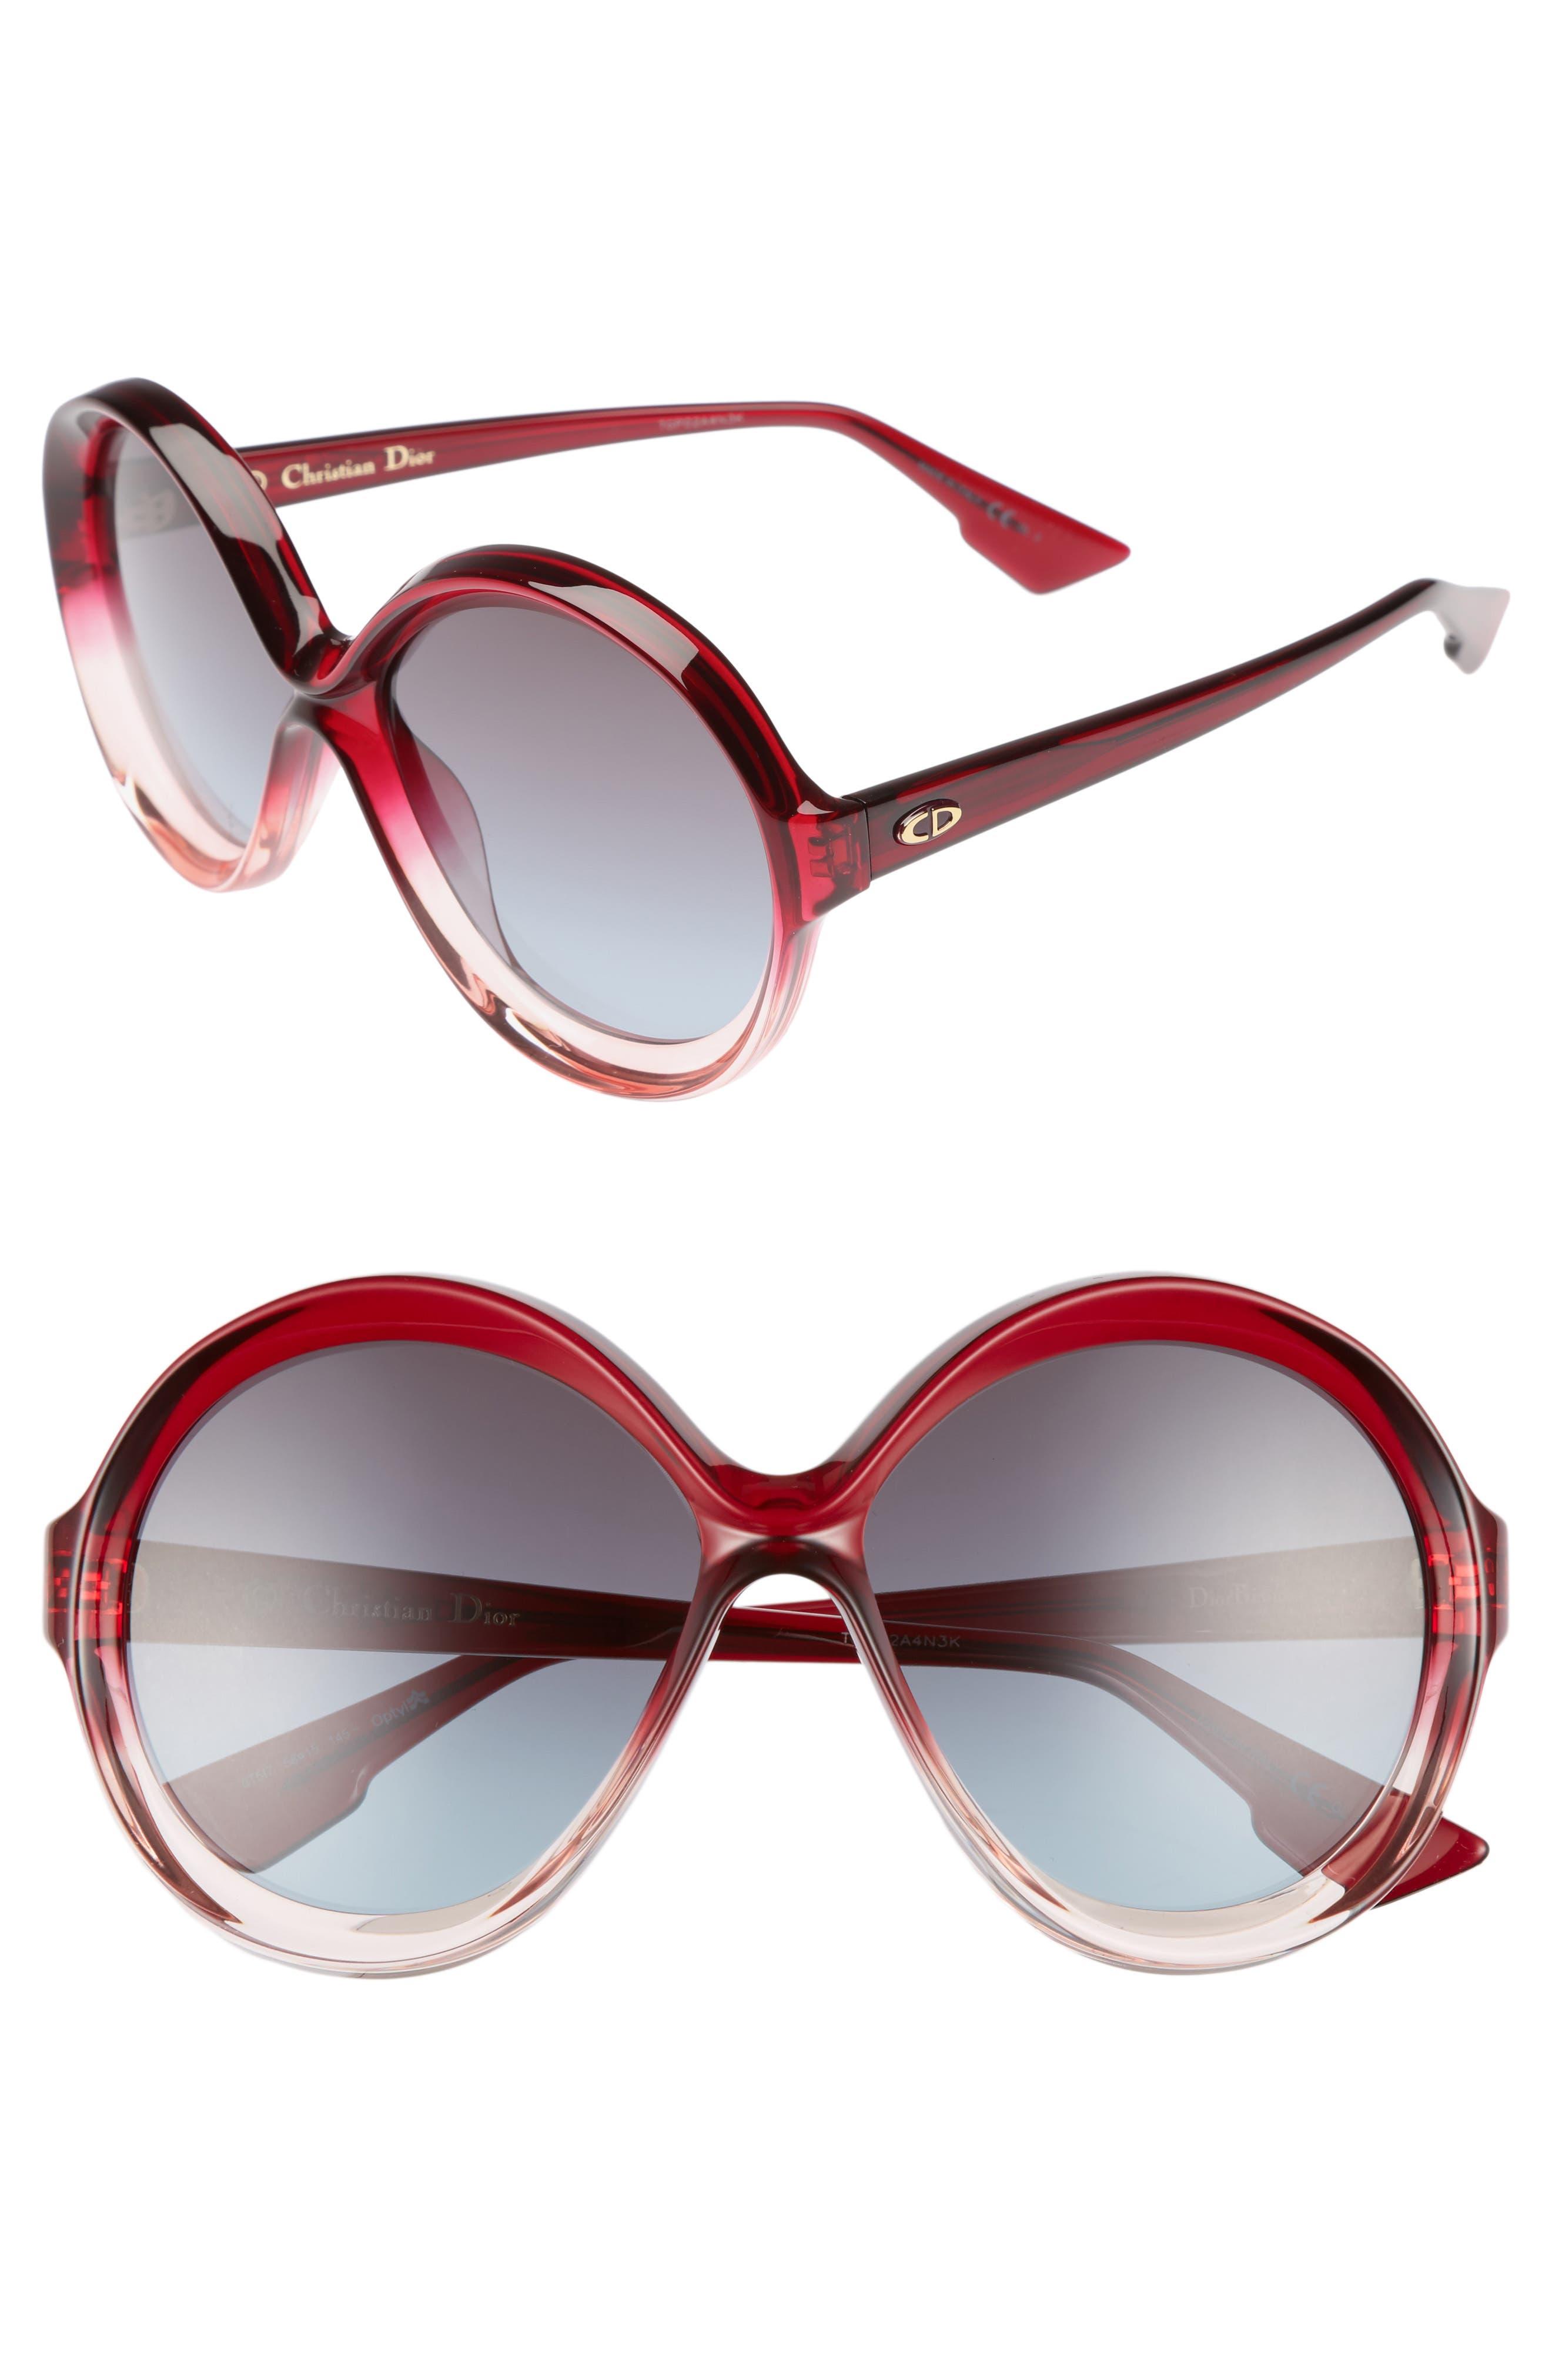 Main Image - Dior Bianca 58mm Round Sunglasses